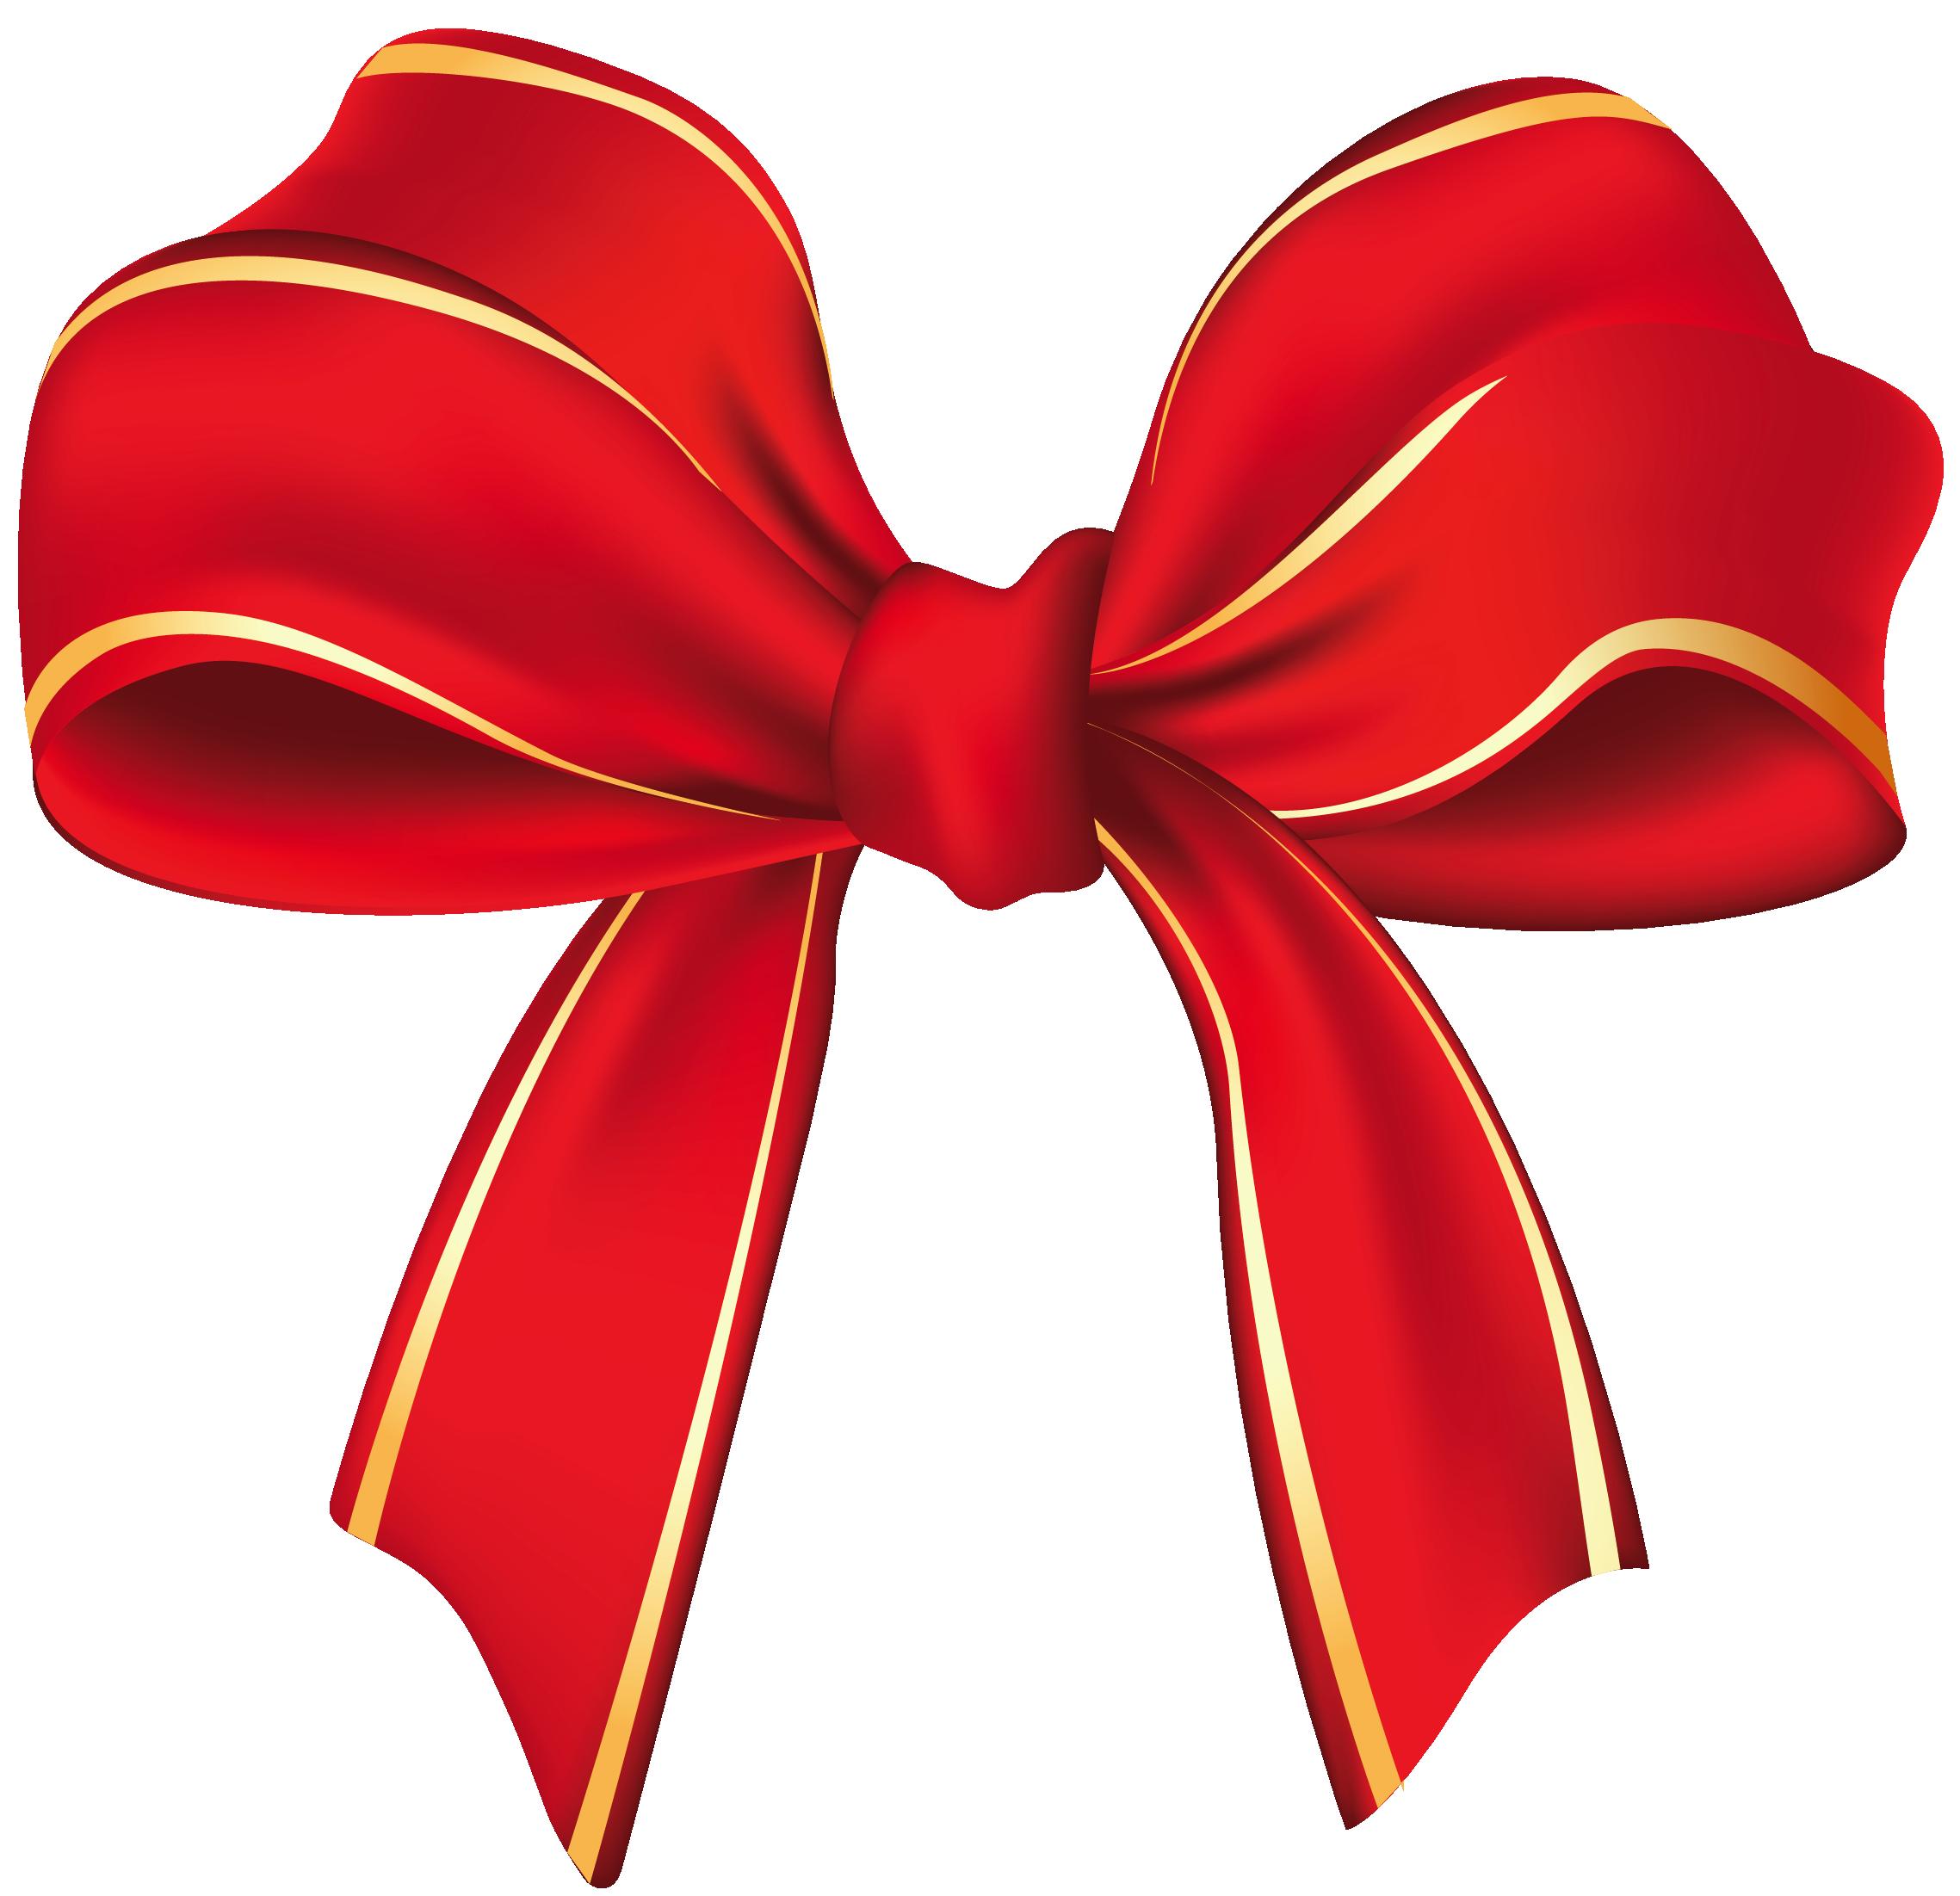 Christmas Bow Clip Art Cliparts Co-Christmas Bow Clip Art Cliparts Co-6